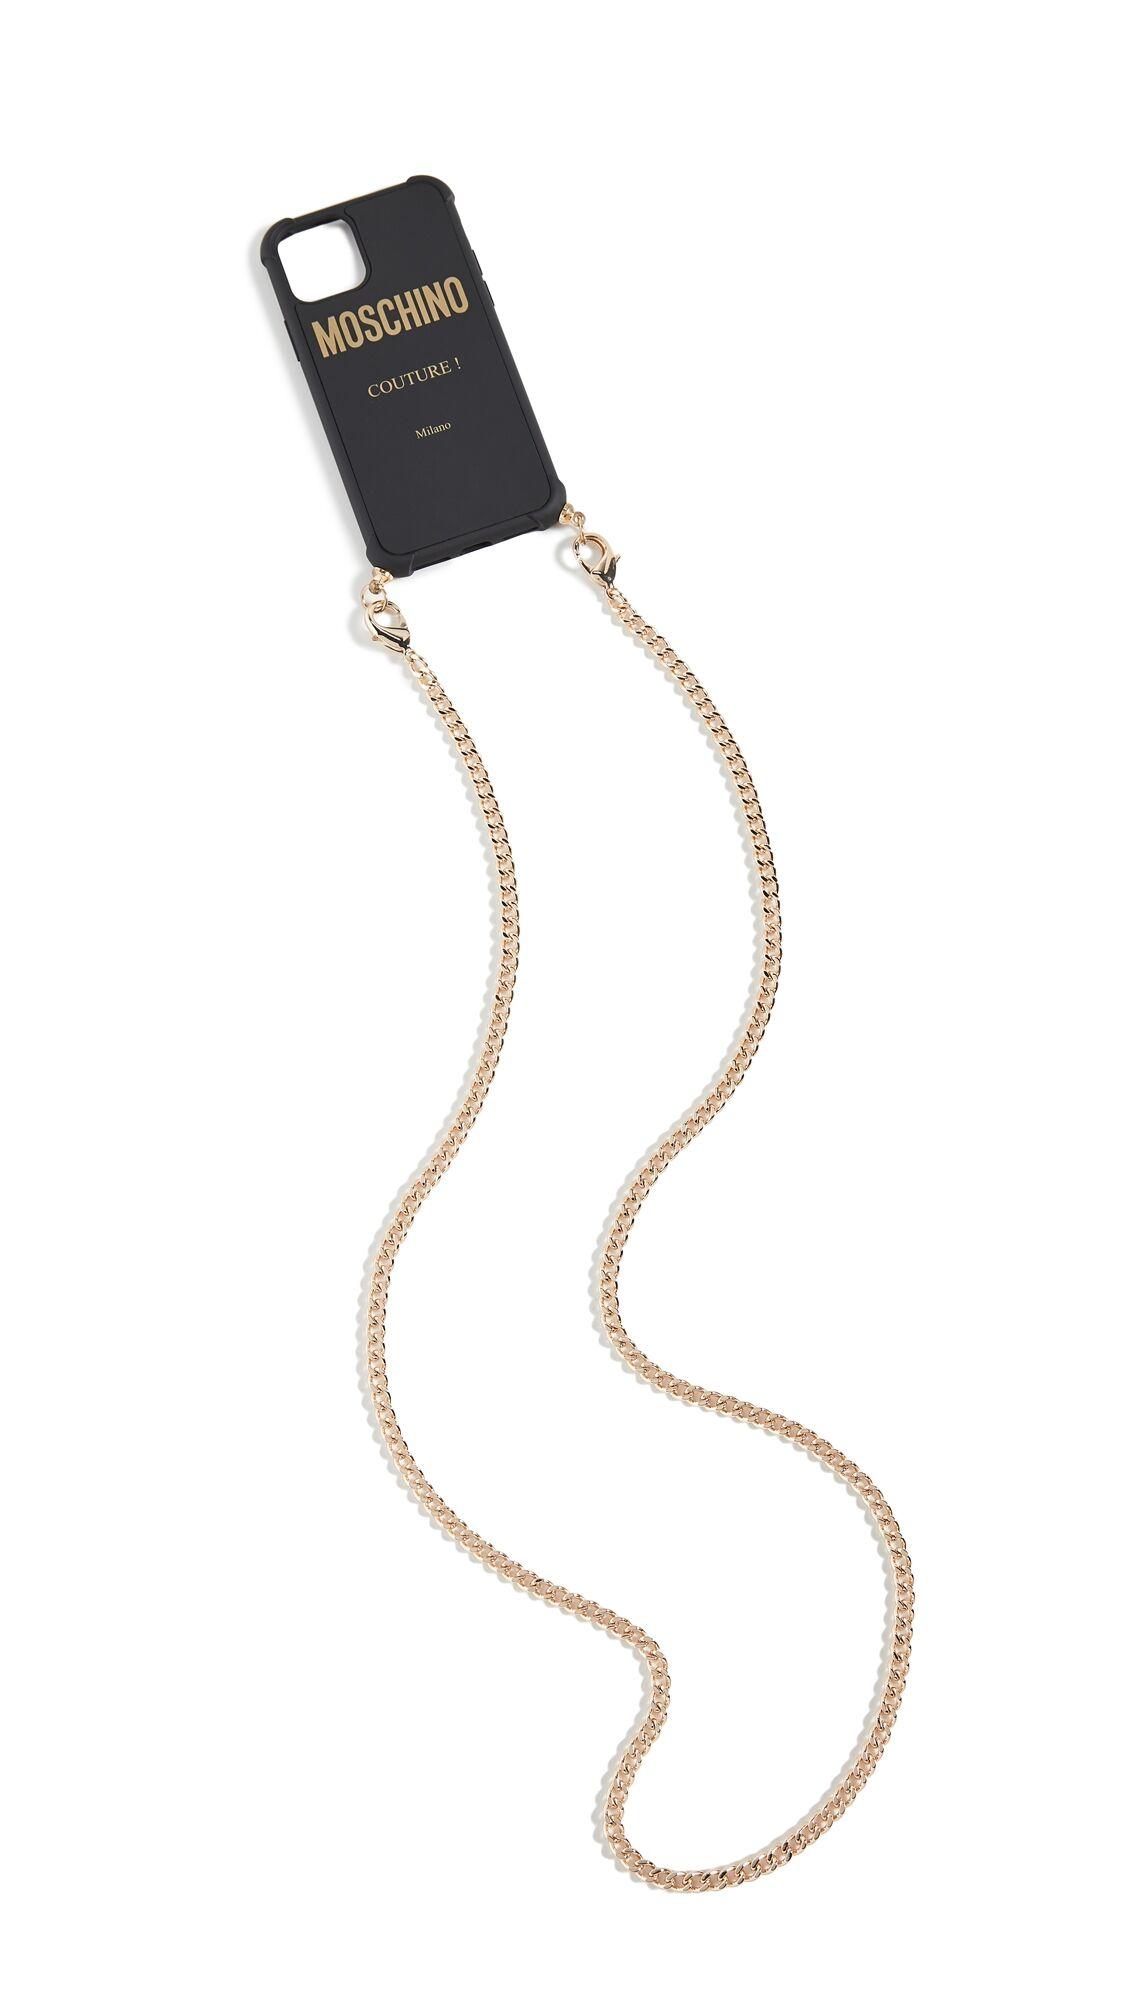 Moschino Logo Phone Case - Black - Size: One Size